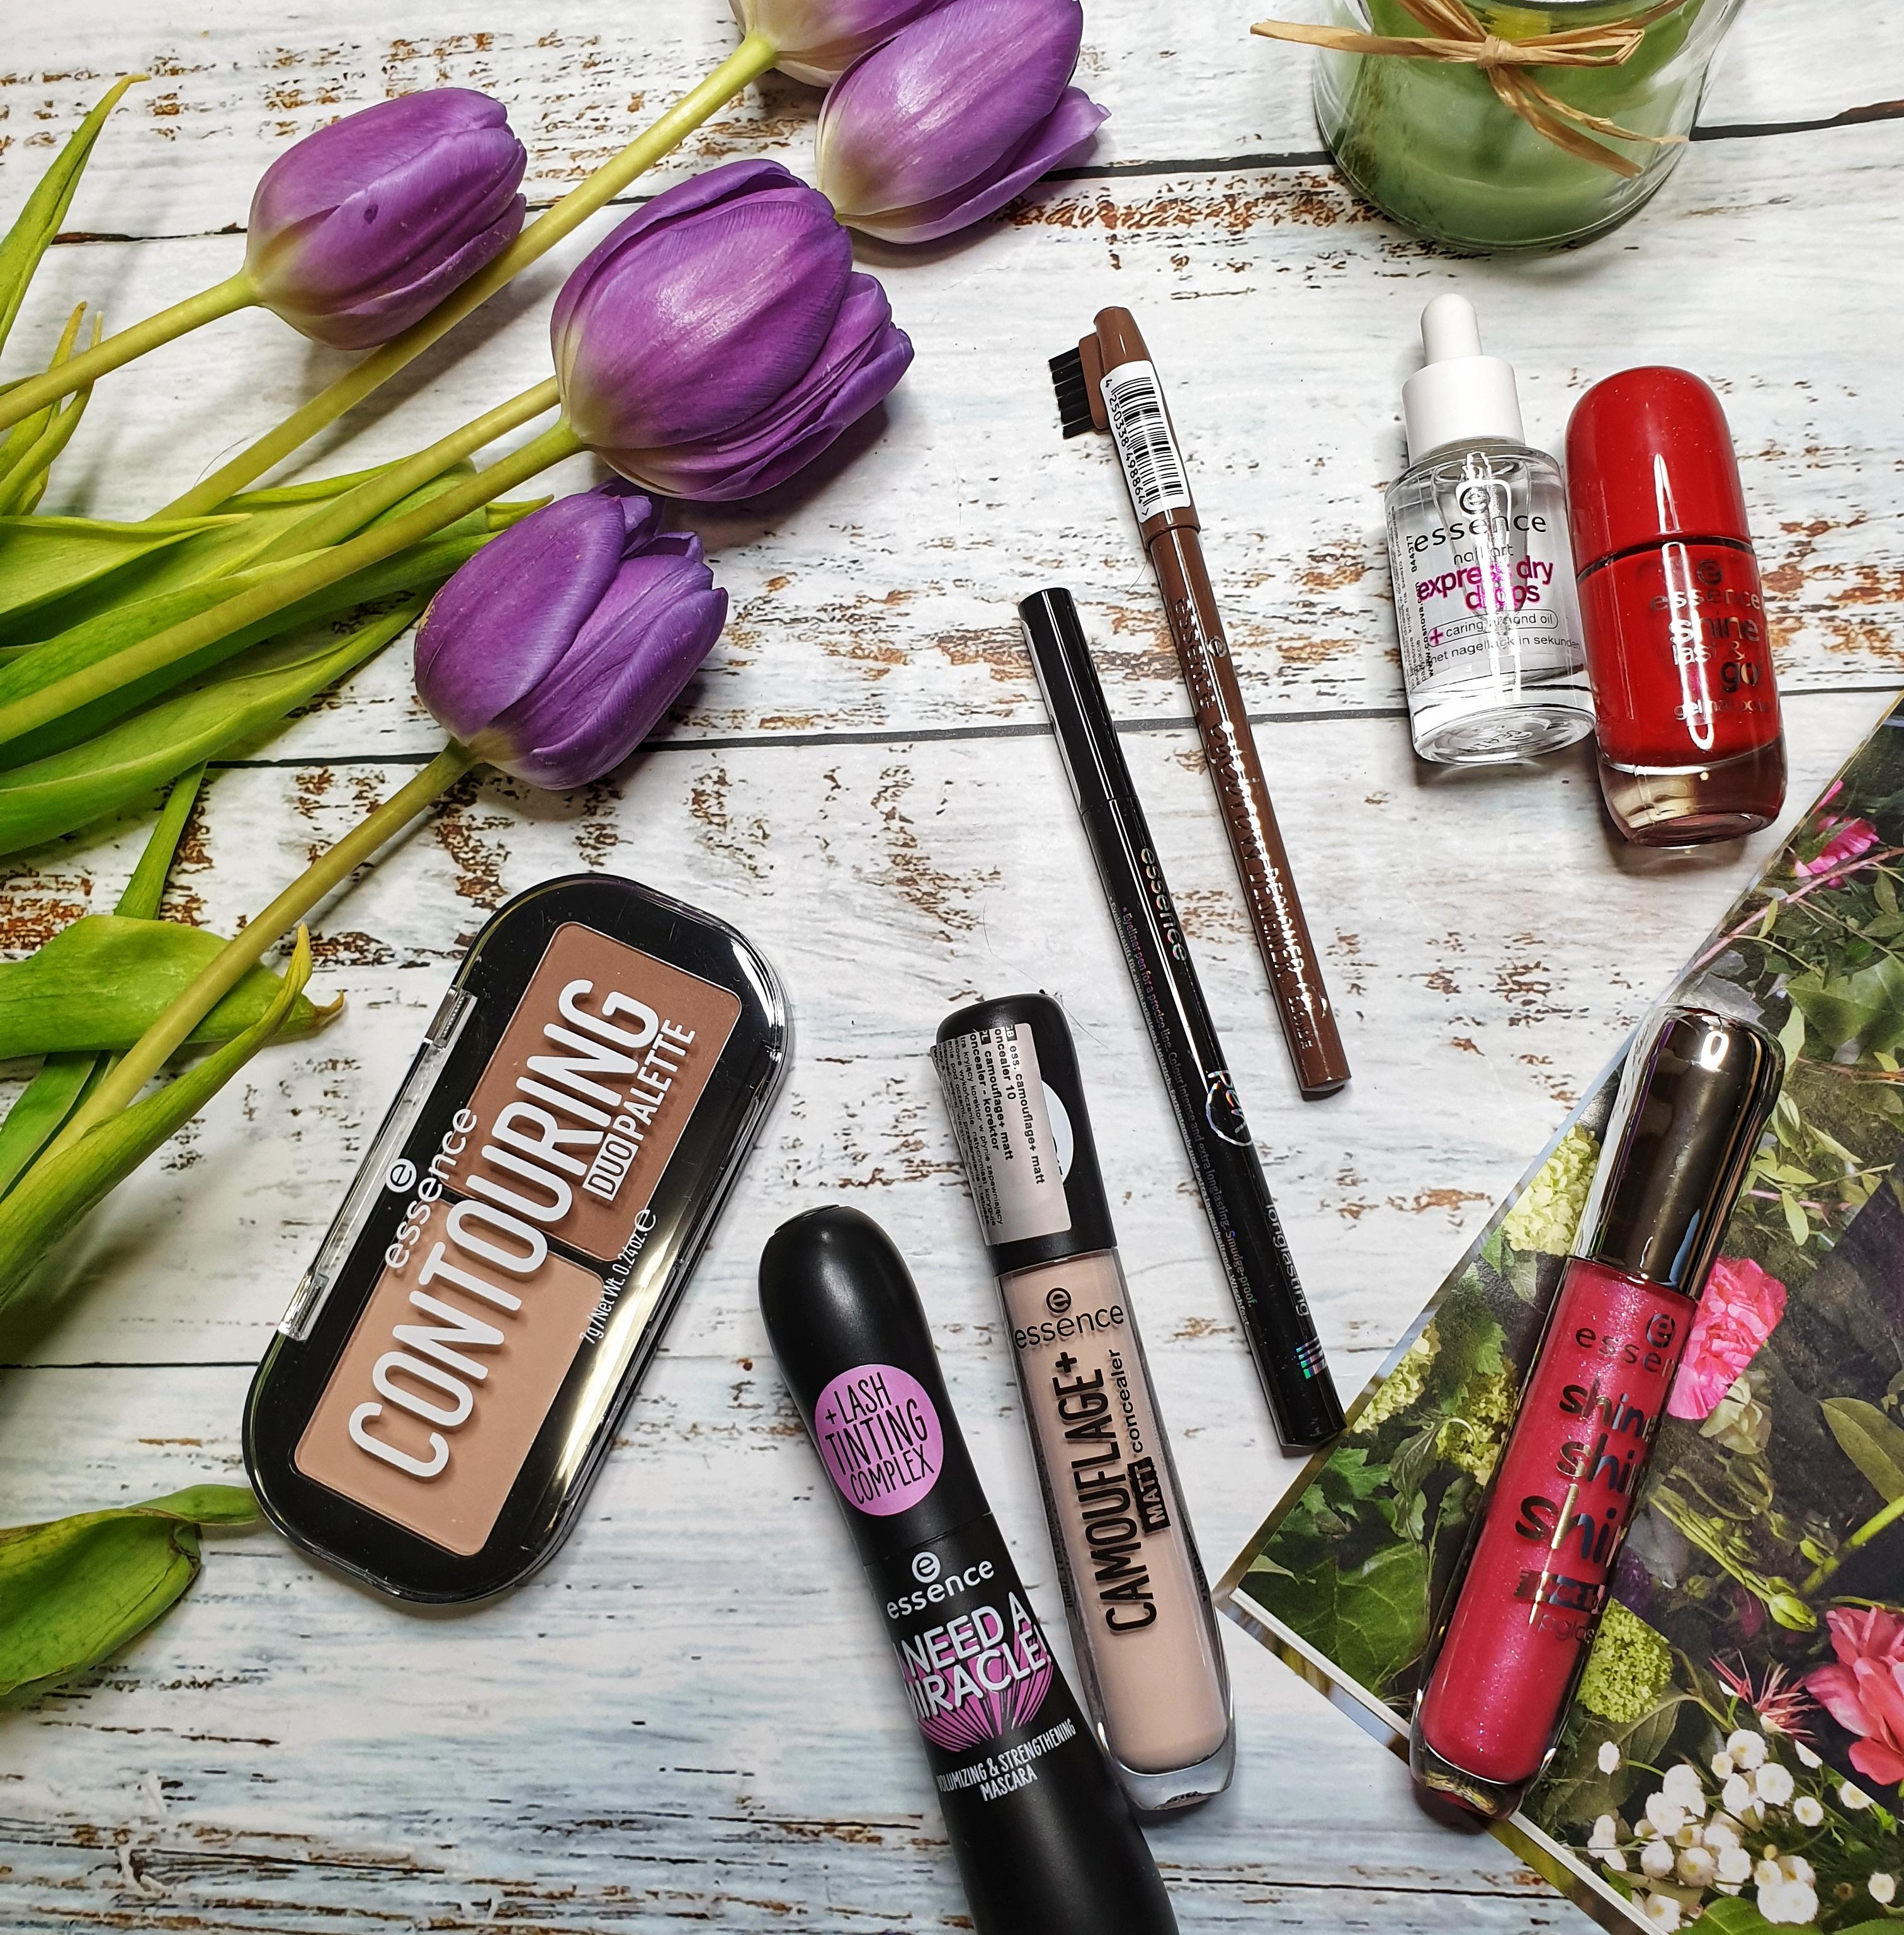 Makijaż z użyciem kosmetyków marki Essence